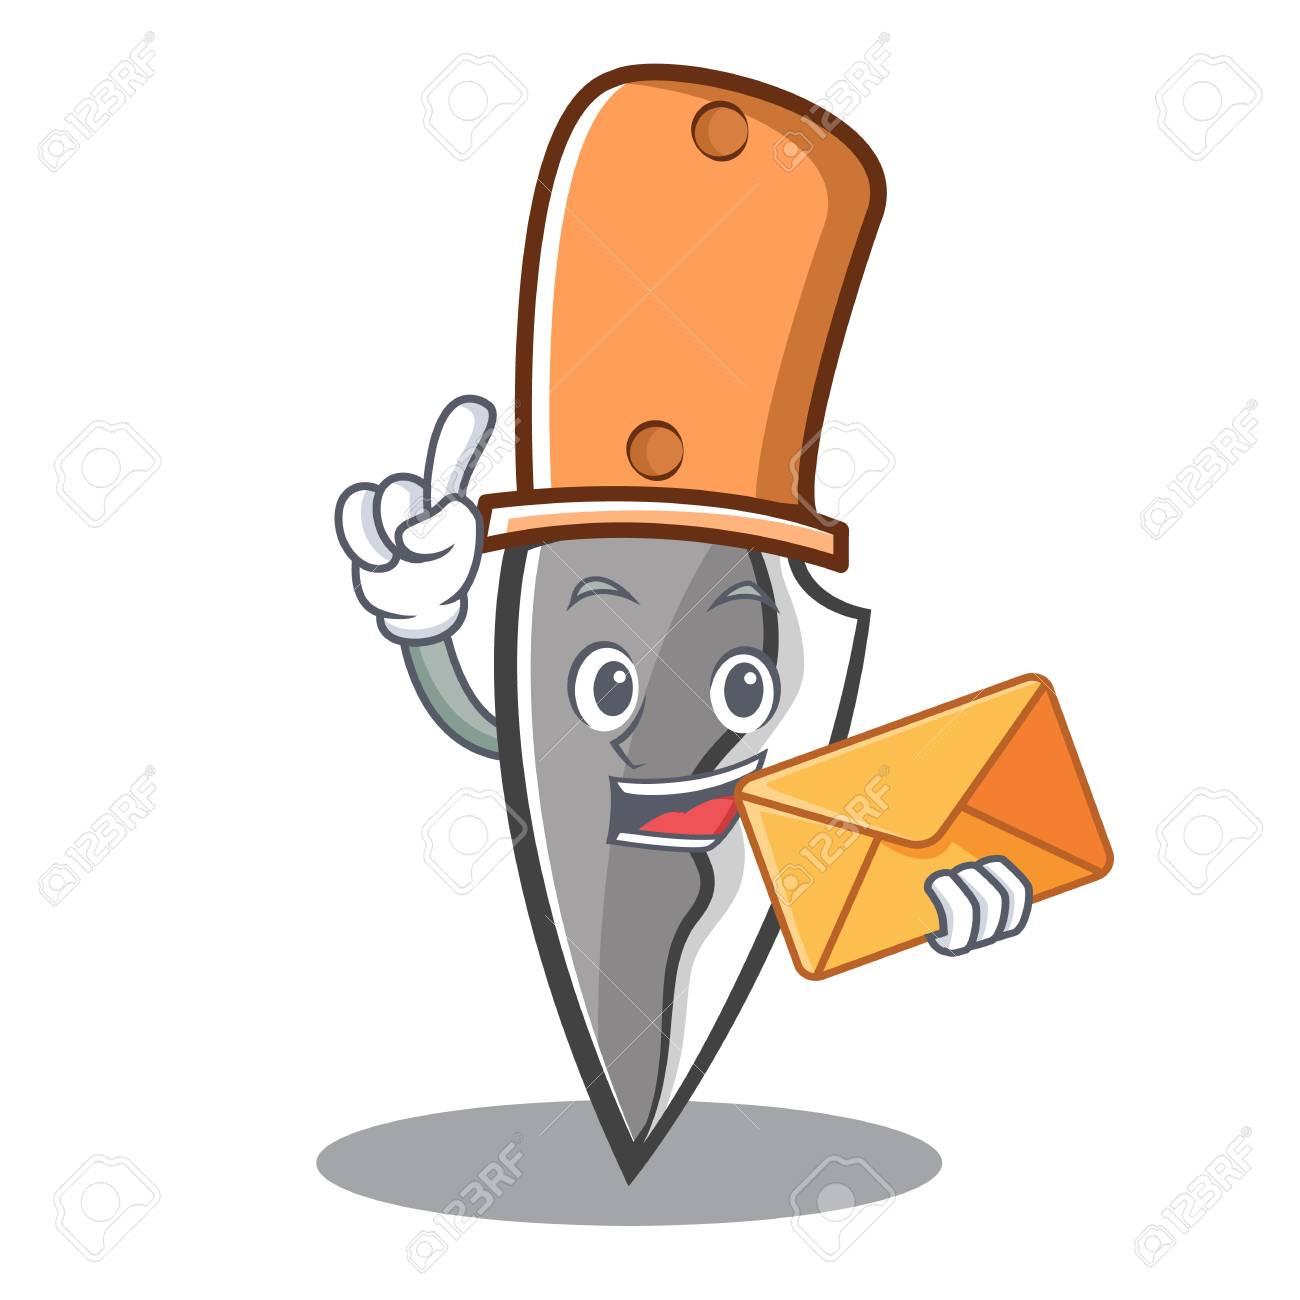 Dessin D Enveloppe avec le style de dessin animé de caractère couteau d'enveloppe clip